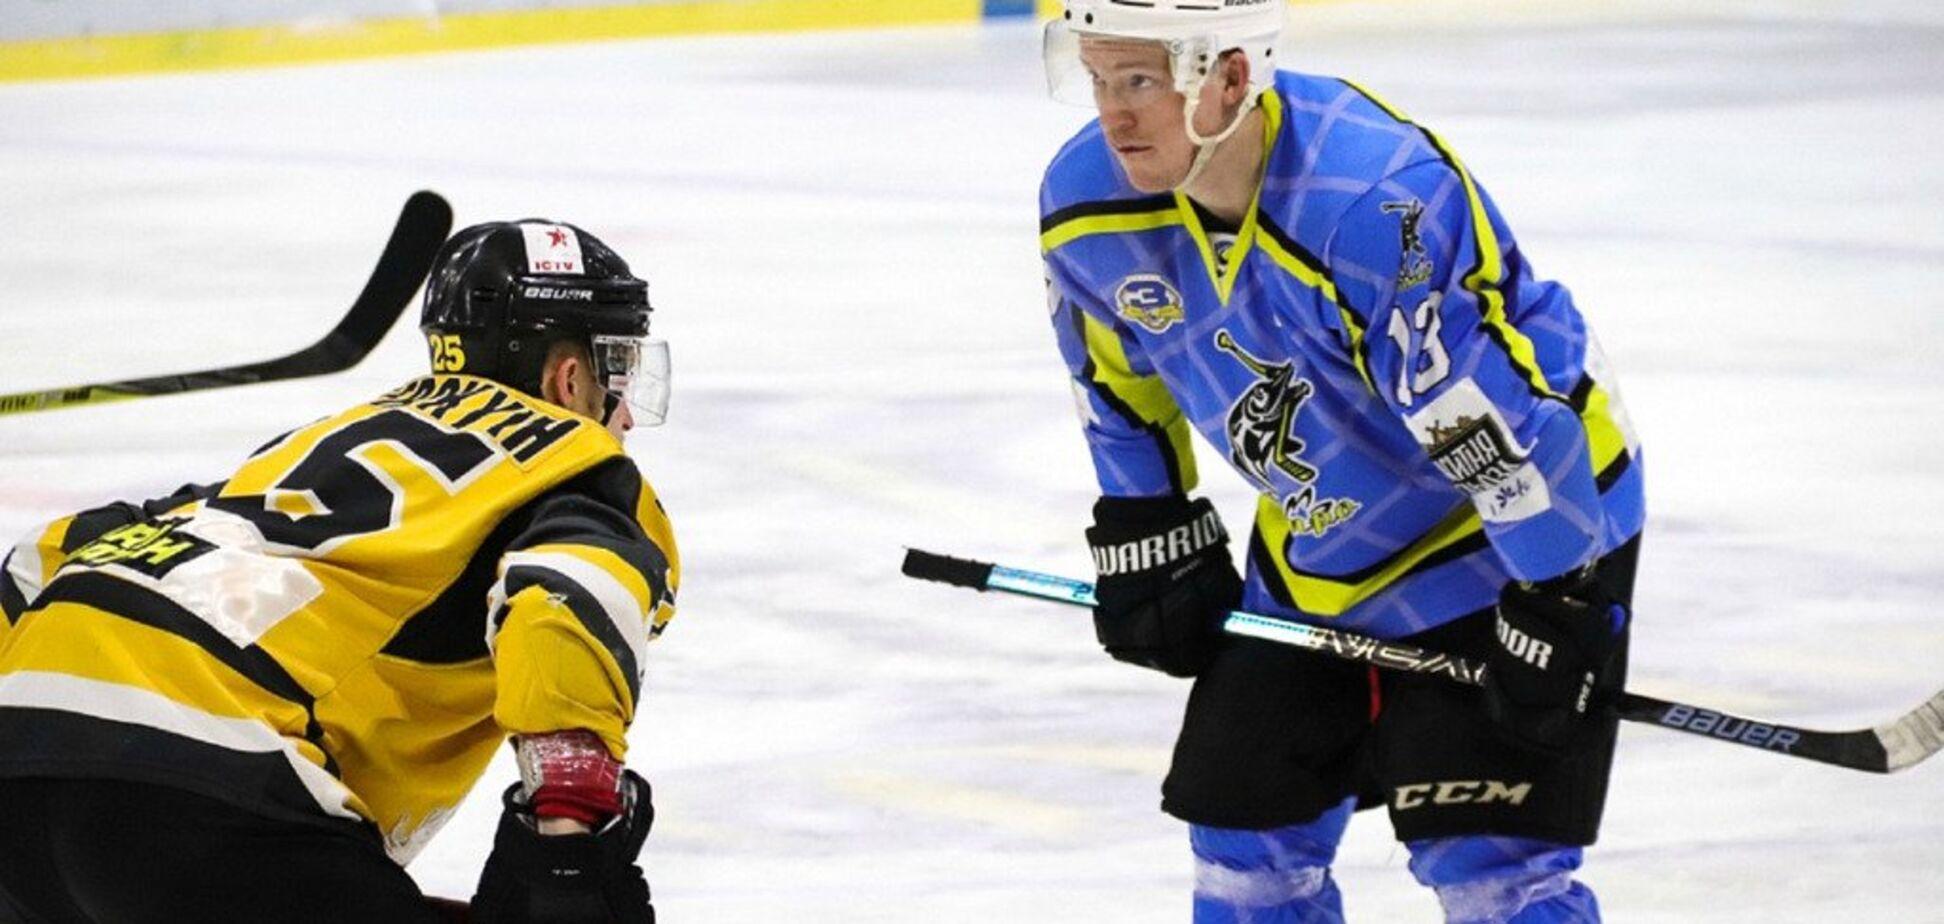 Анонс 3-го тура Украинской хоккейной лиги – Пари-Матч